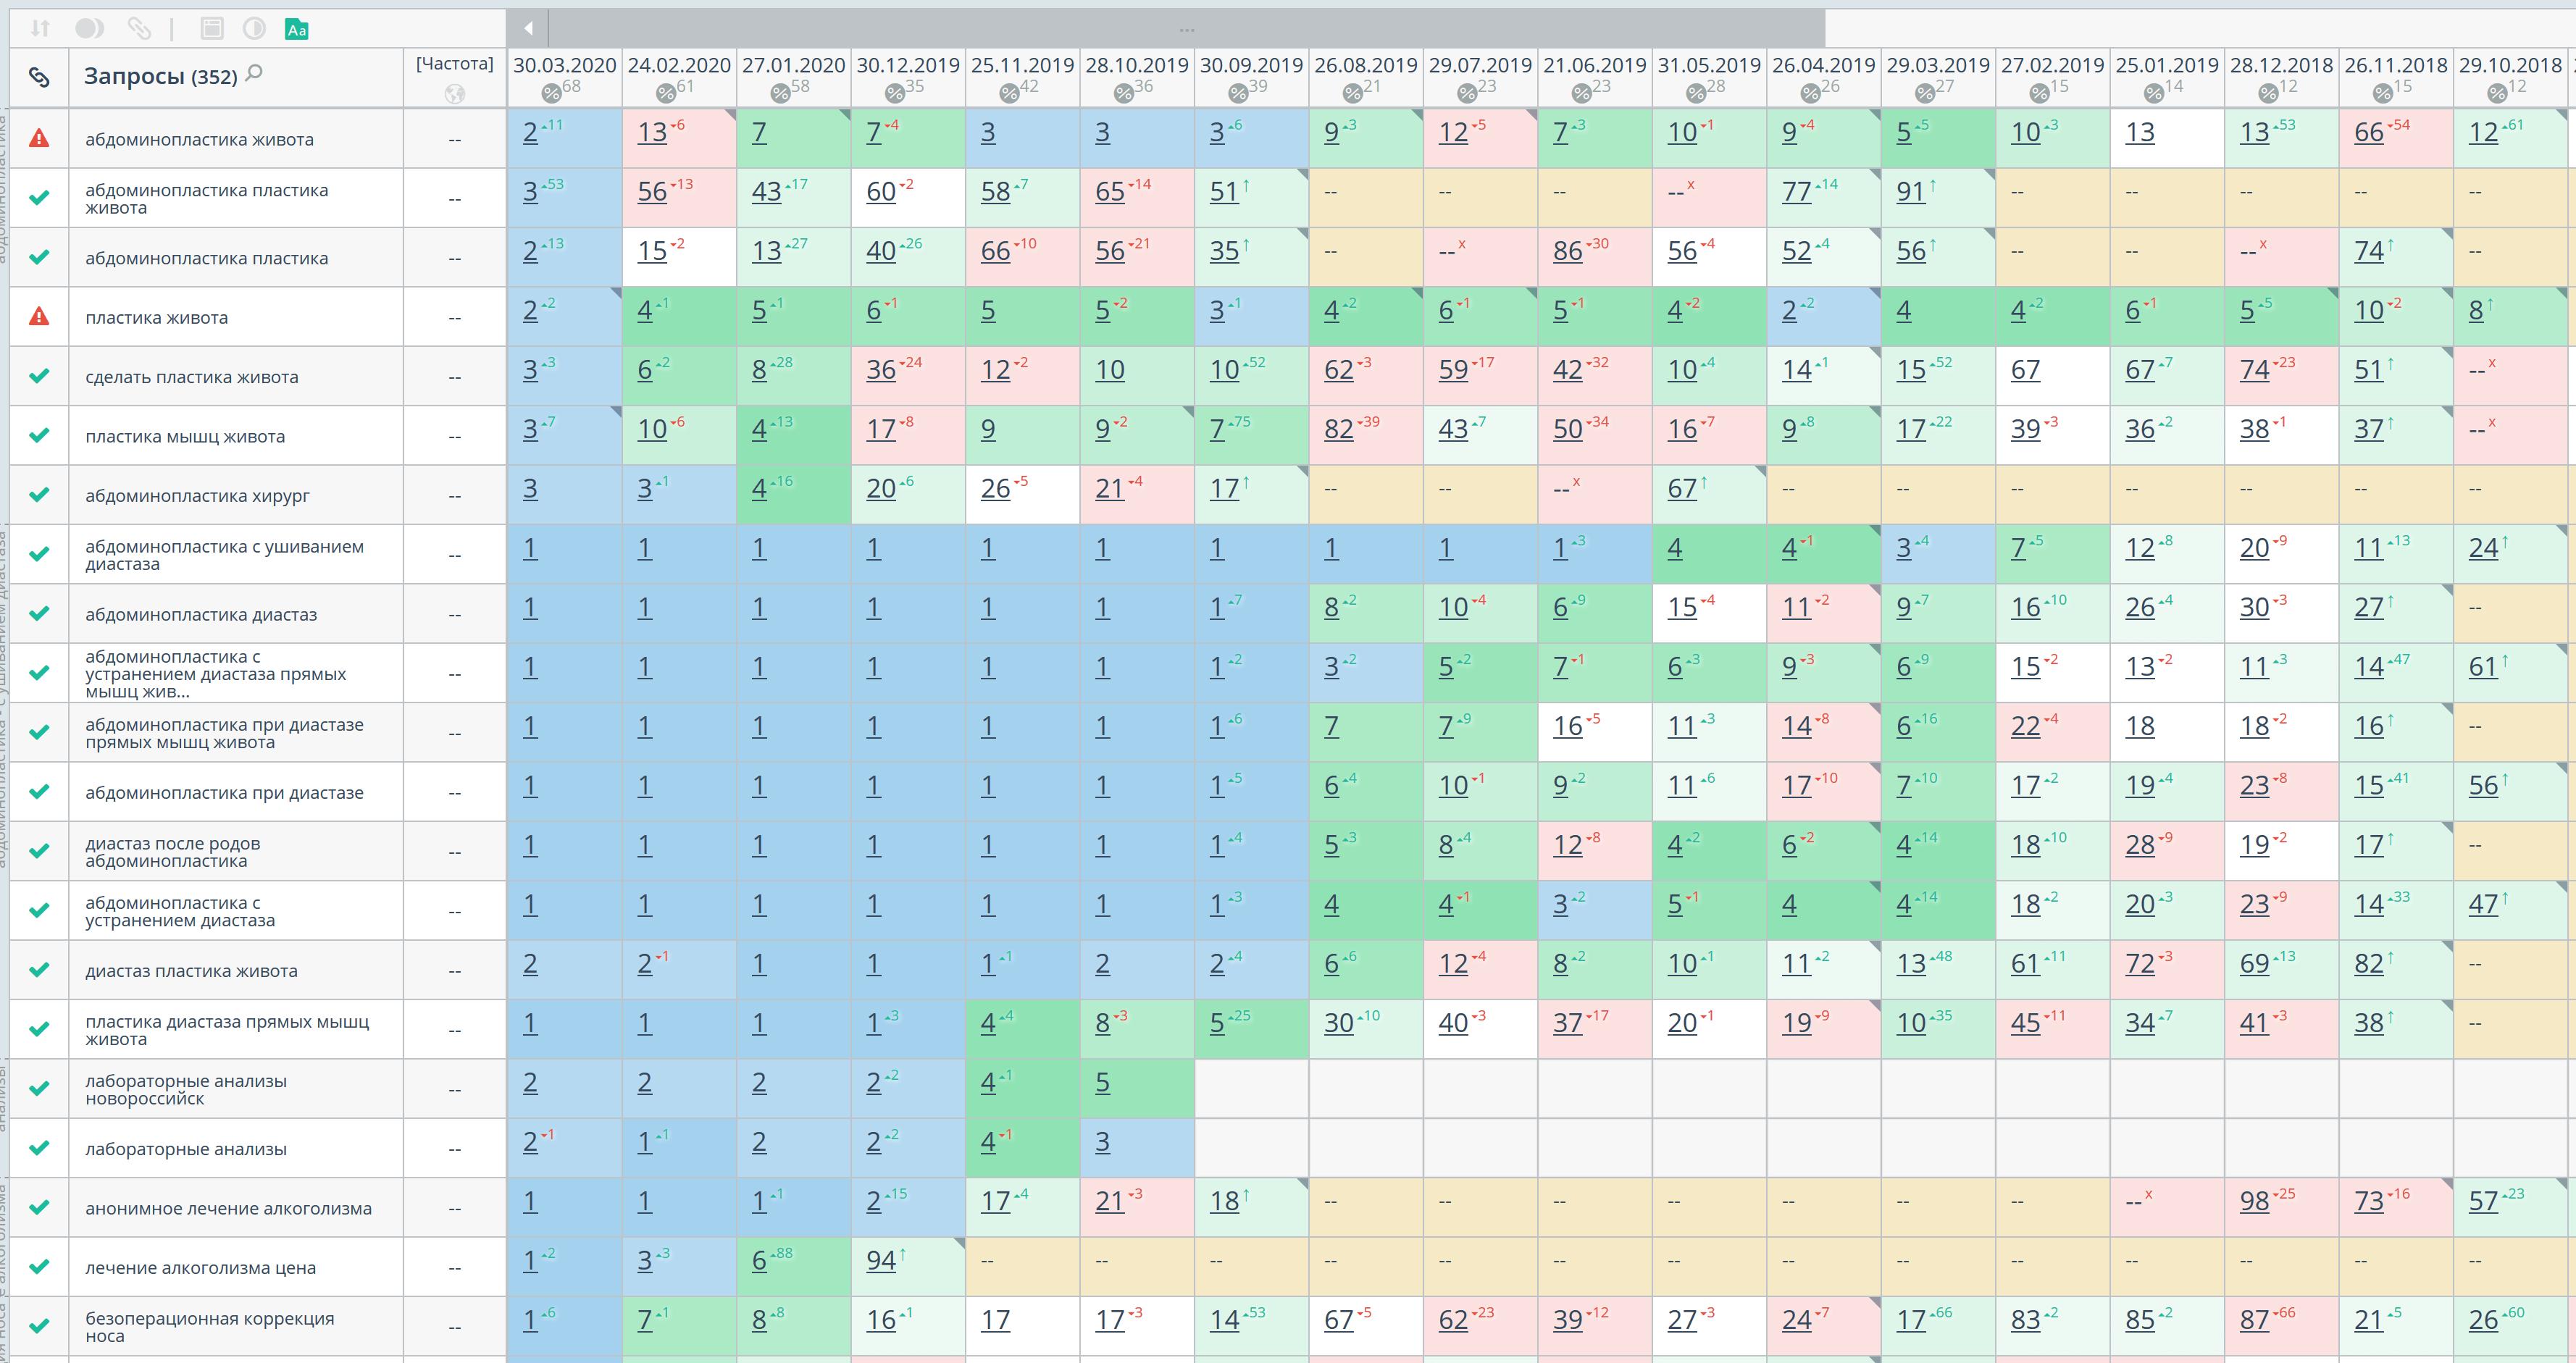 Статистика позиций по Google, регион Новороссийск